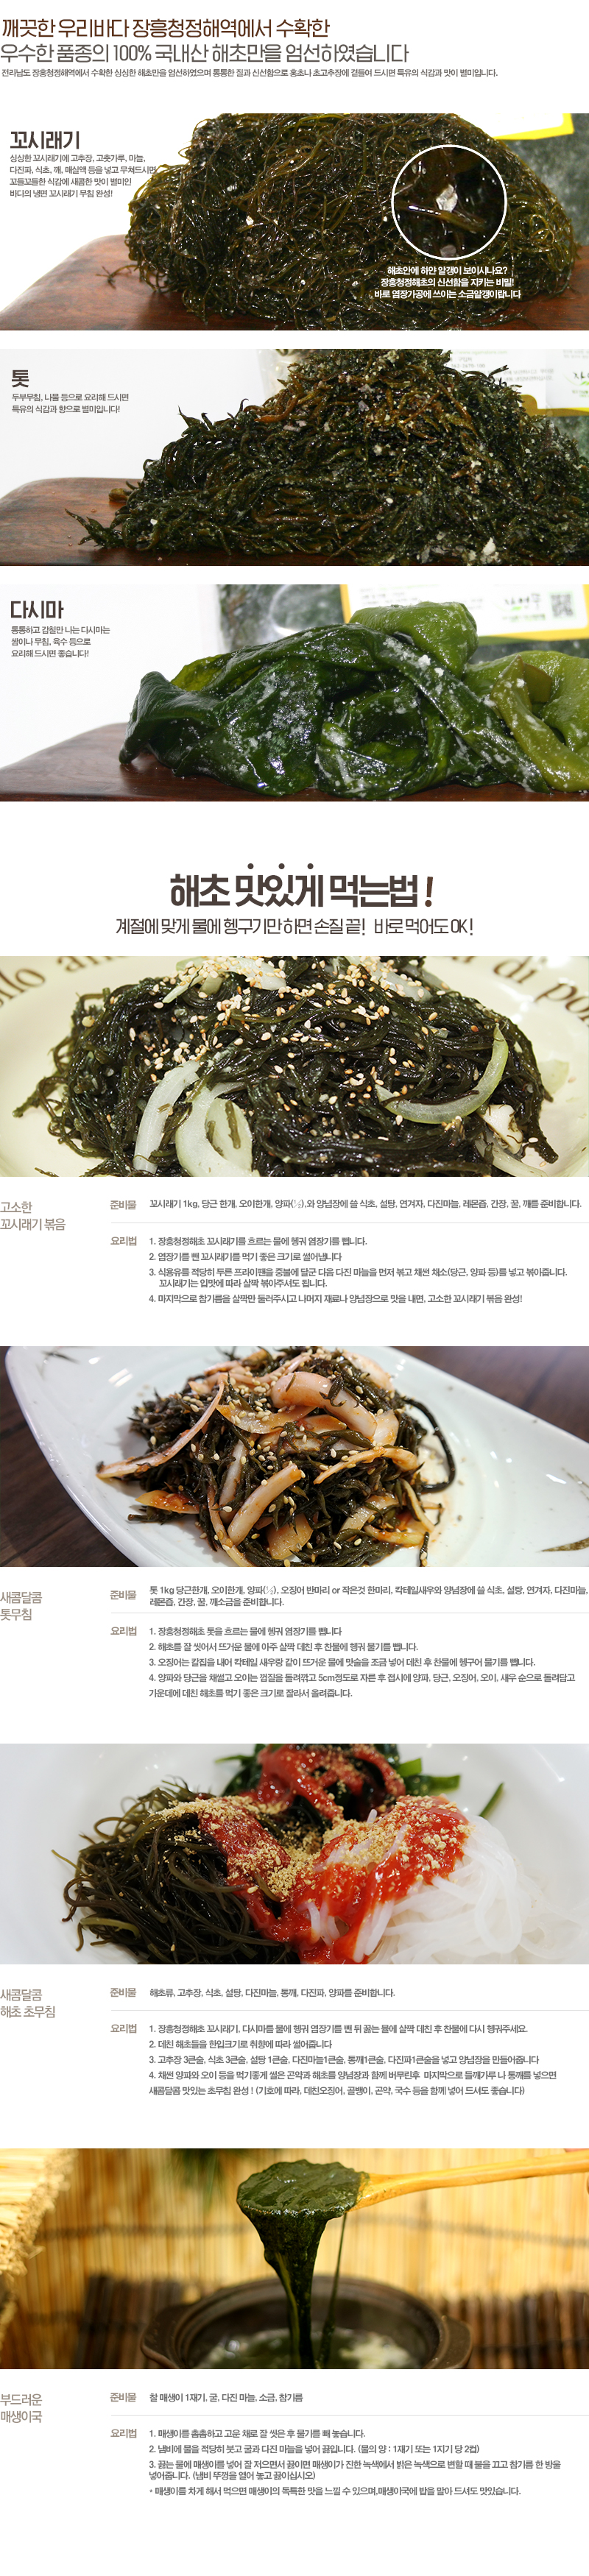 [장흥청정해초] 염장 모자반 10kg